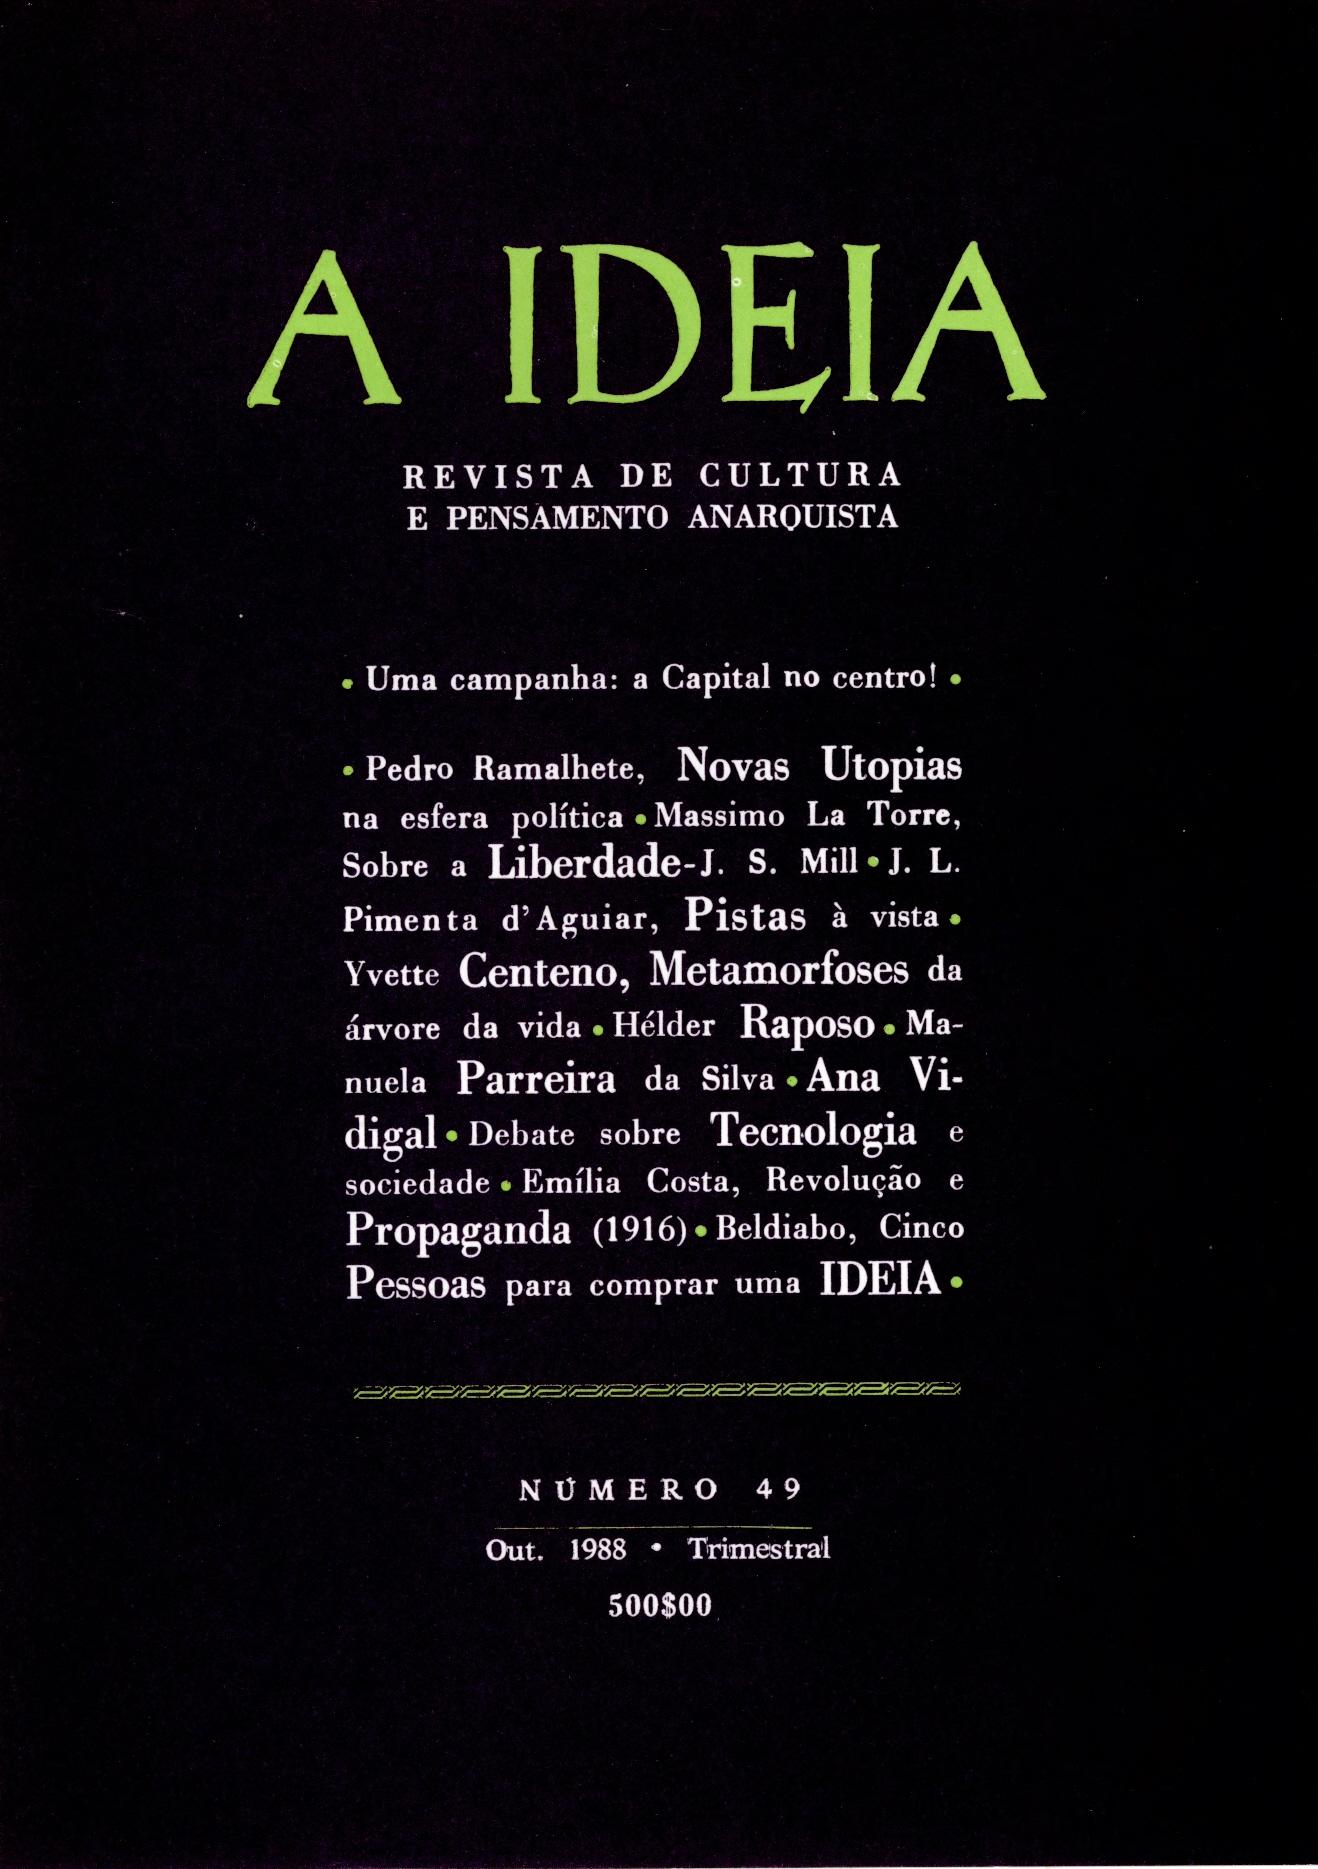 A_Ideia_49_capa